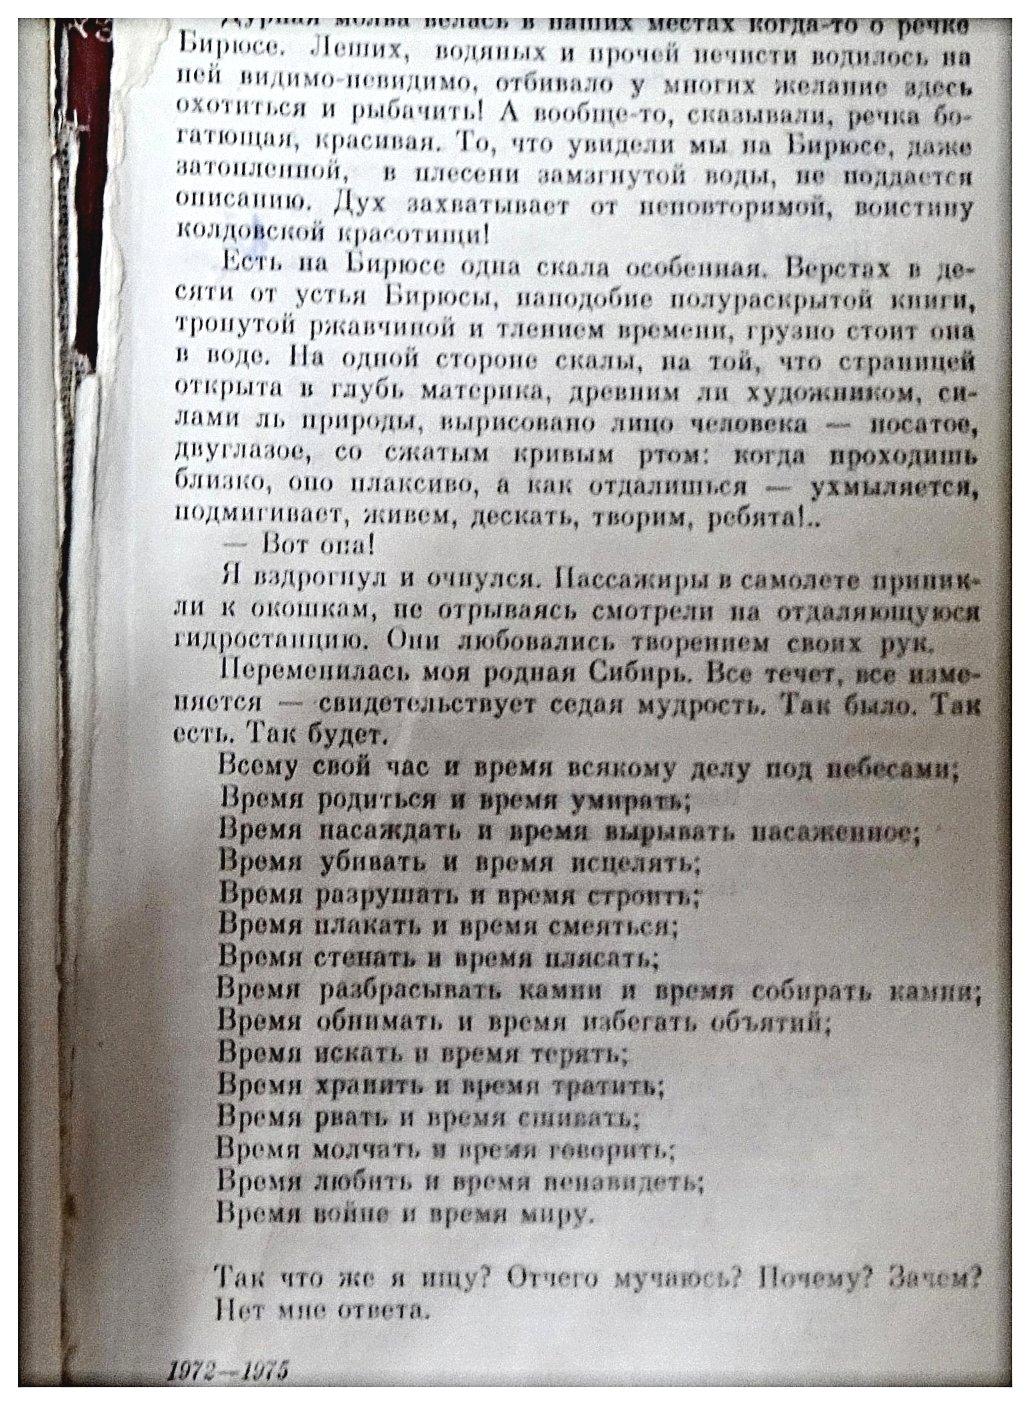 Виктор Астафьев, из книги Царь-рыба, иллюстрации, фото 012